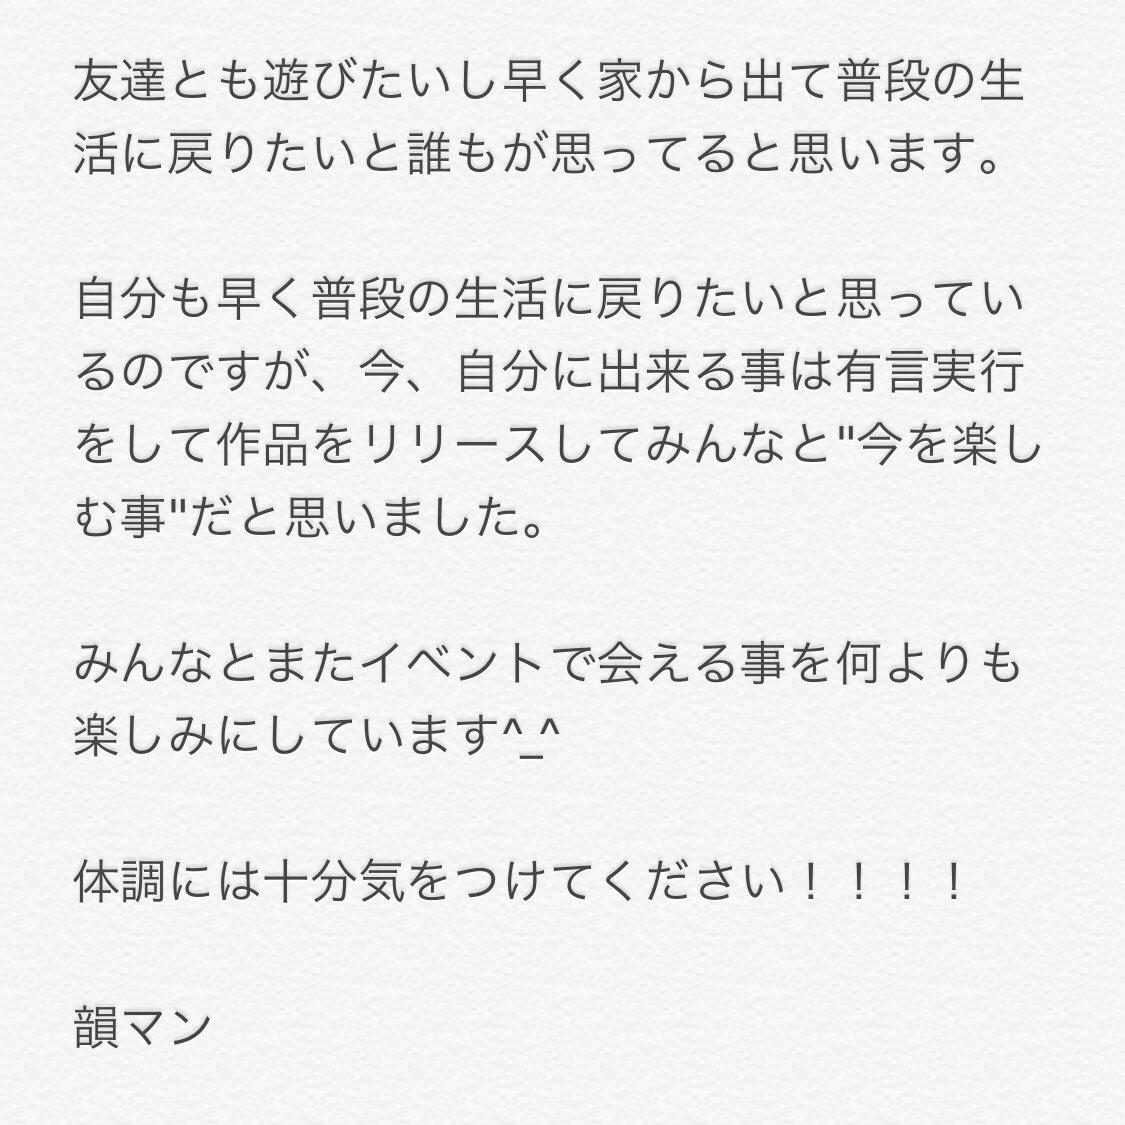 新曲 韻 歌詞 マン 【神回】韻マン vs